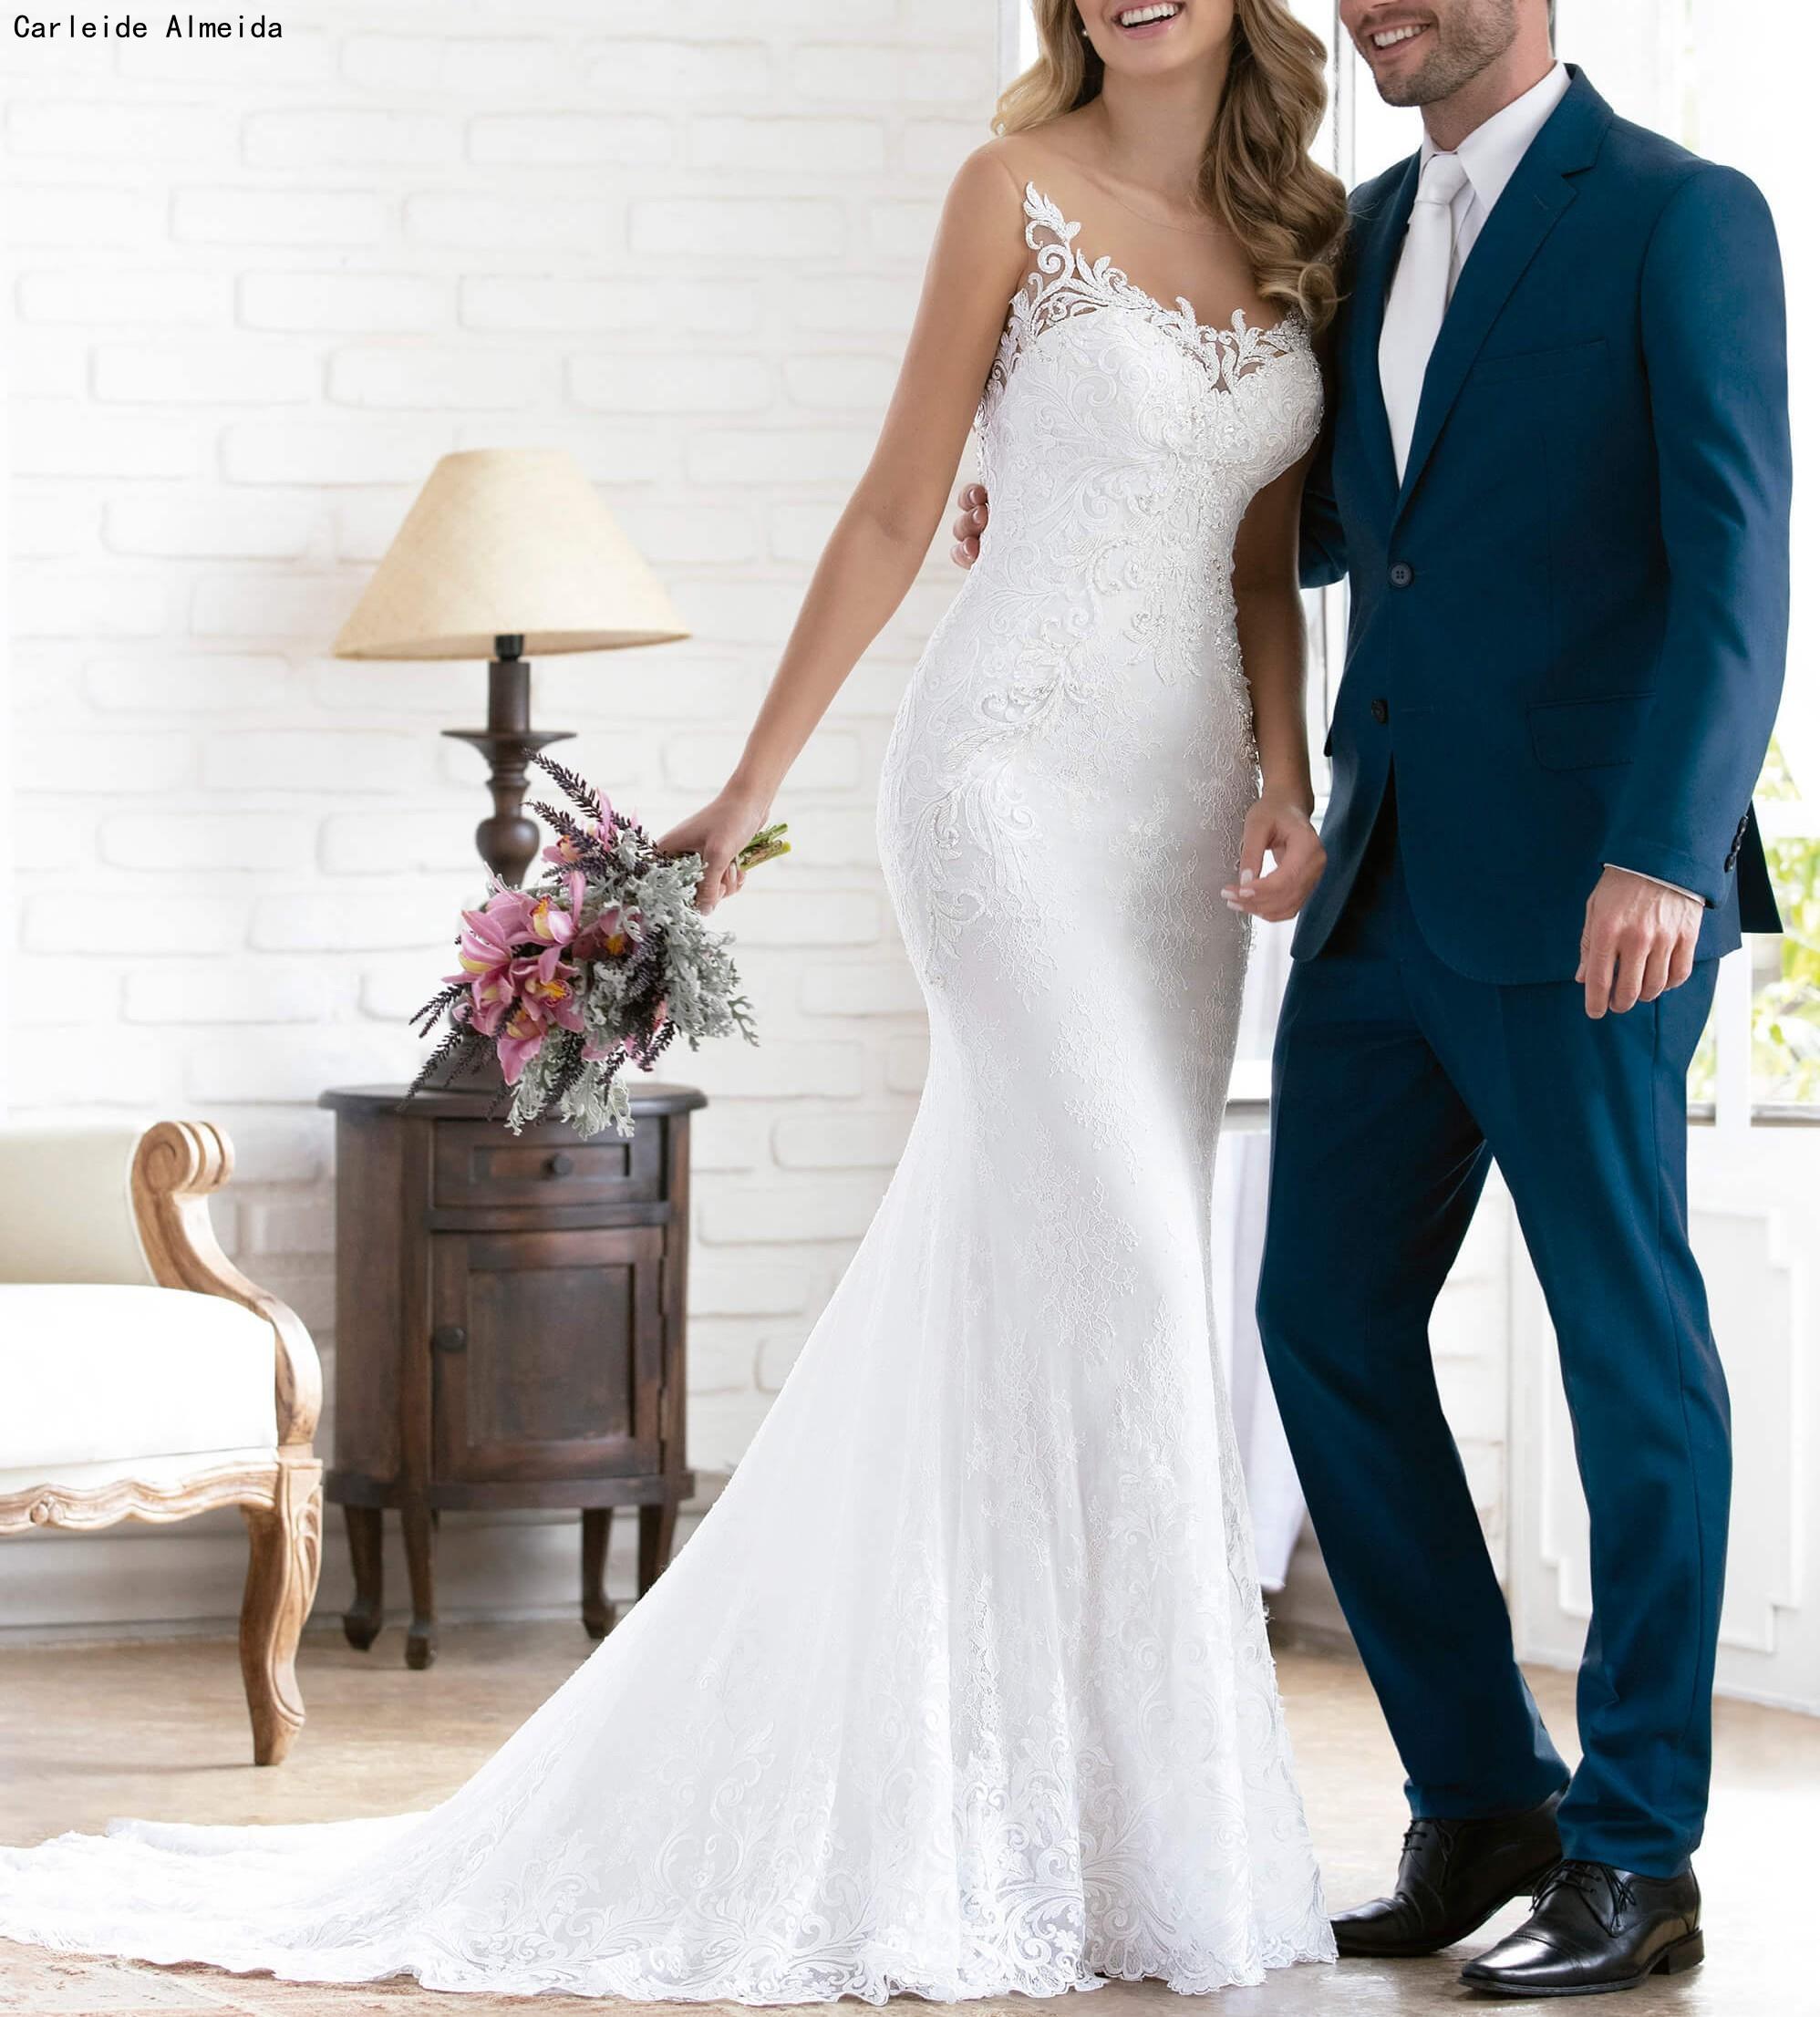 Vestido De Noiva V-back Lace Mermaid Wedding Dresses With Unique Lace Appliques Mermaid Wedding Gowns 2019 Bride Dress